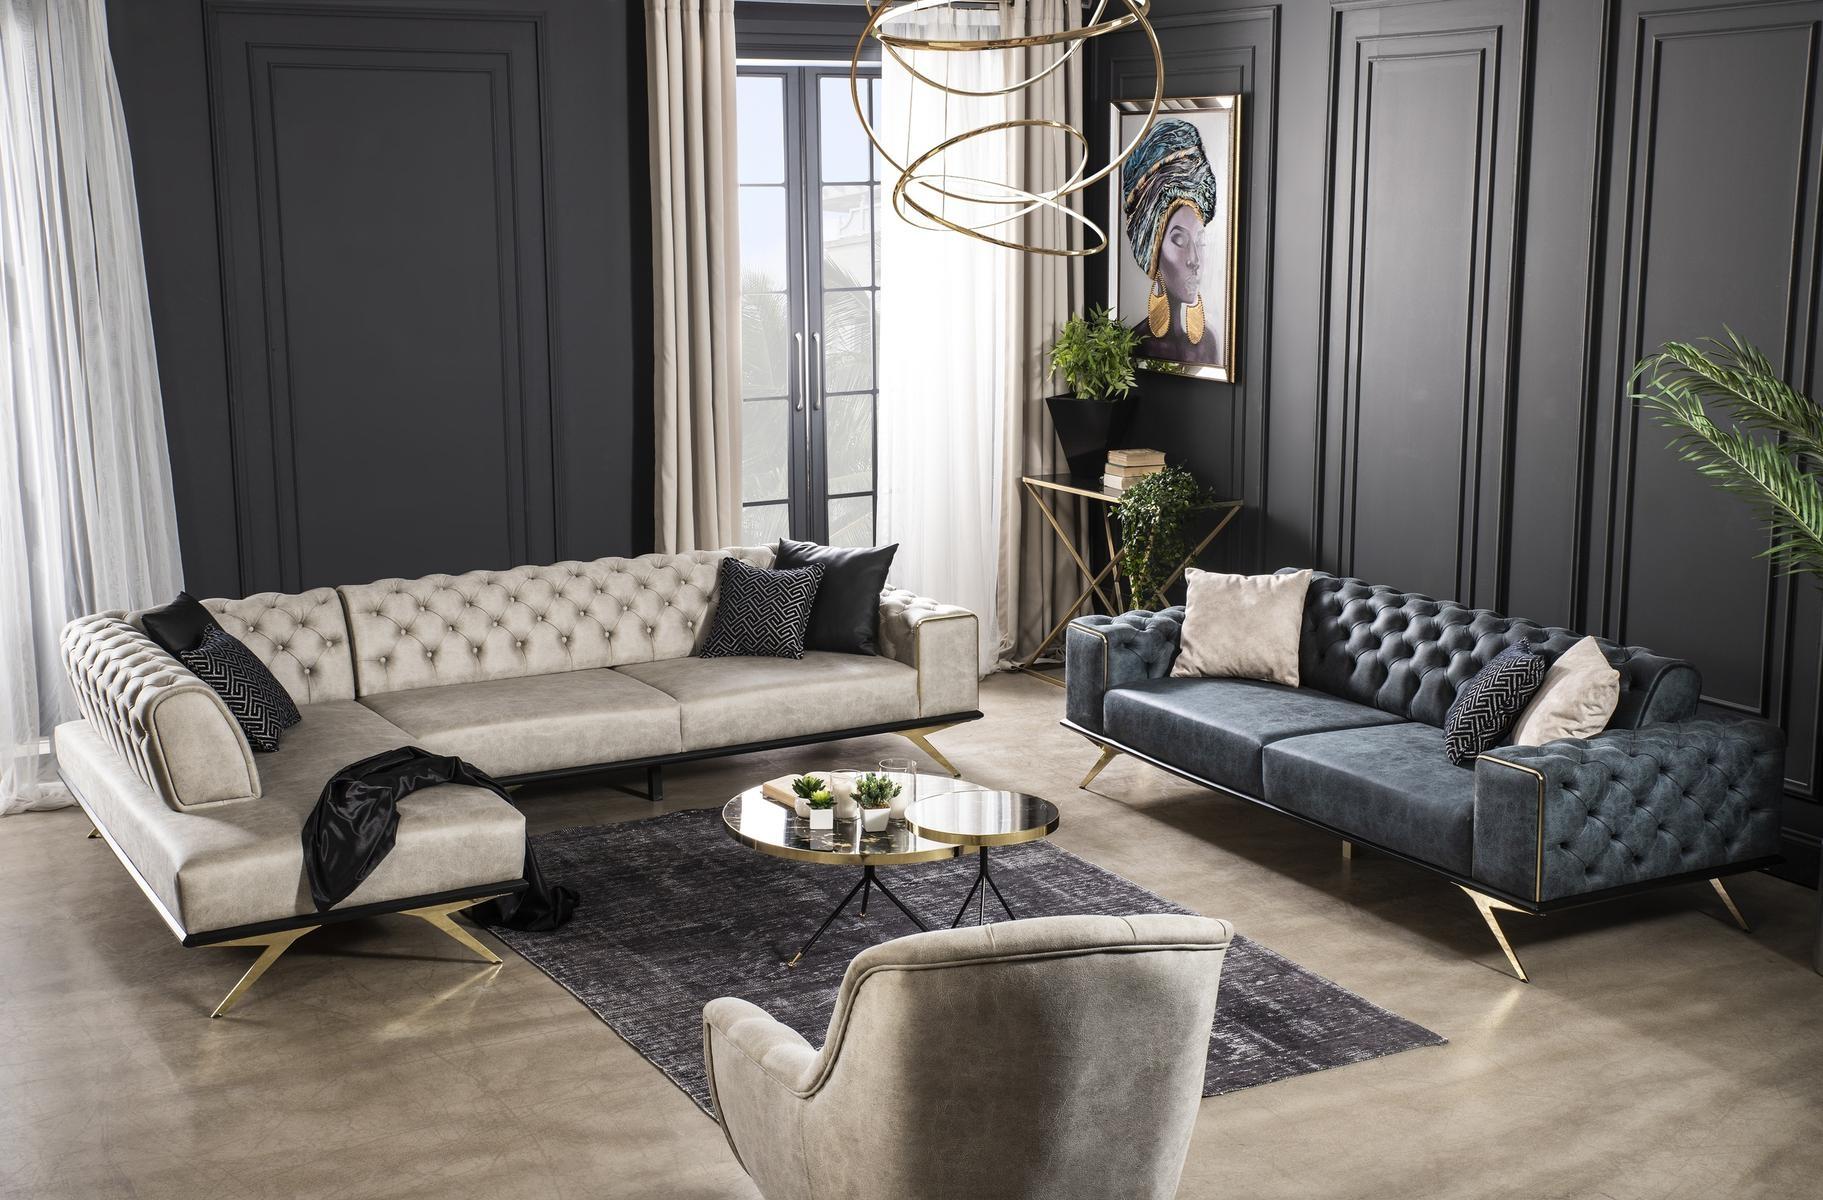 Hörnsoffor - Noriental Möbler